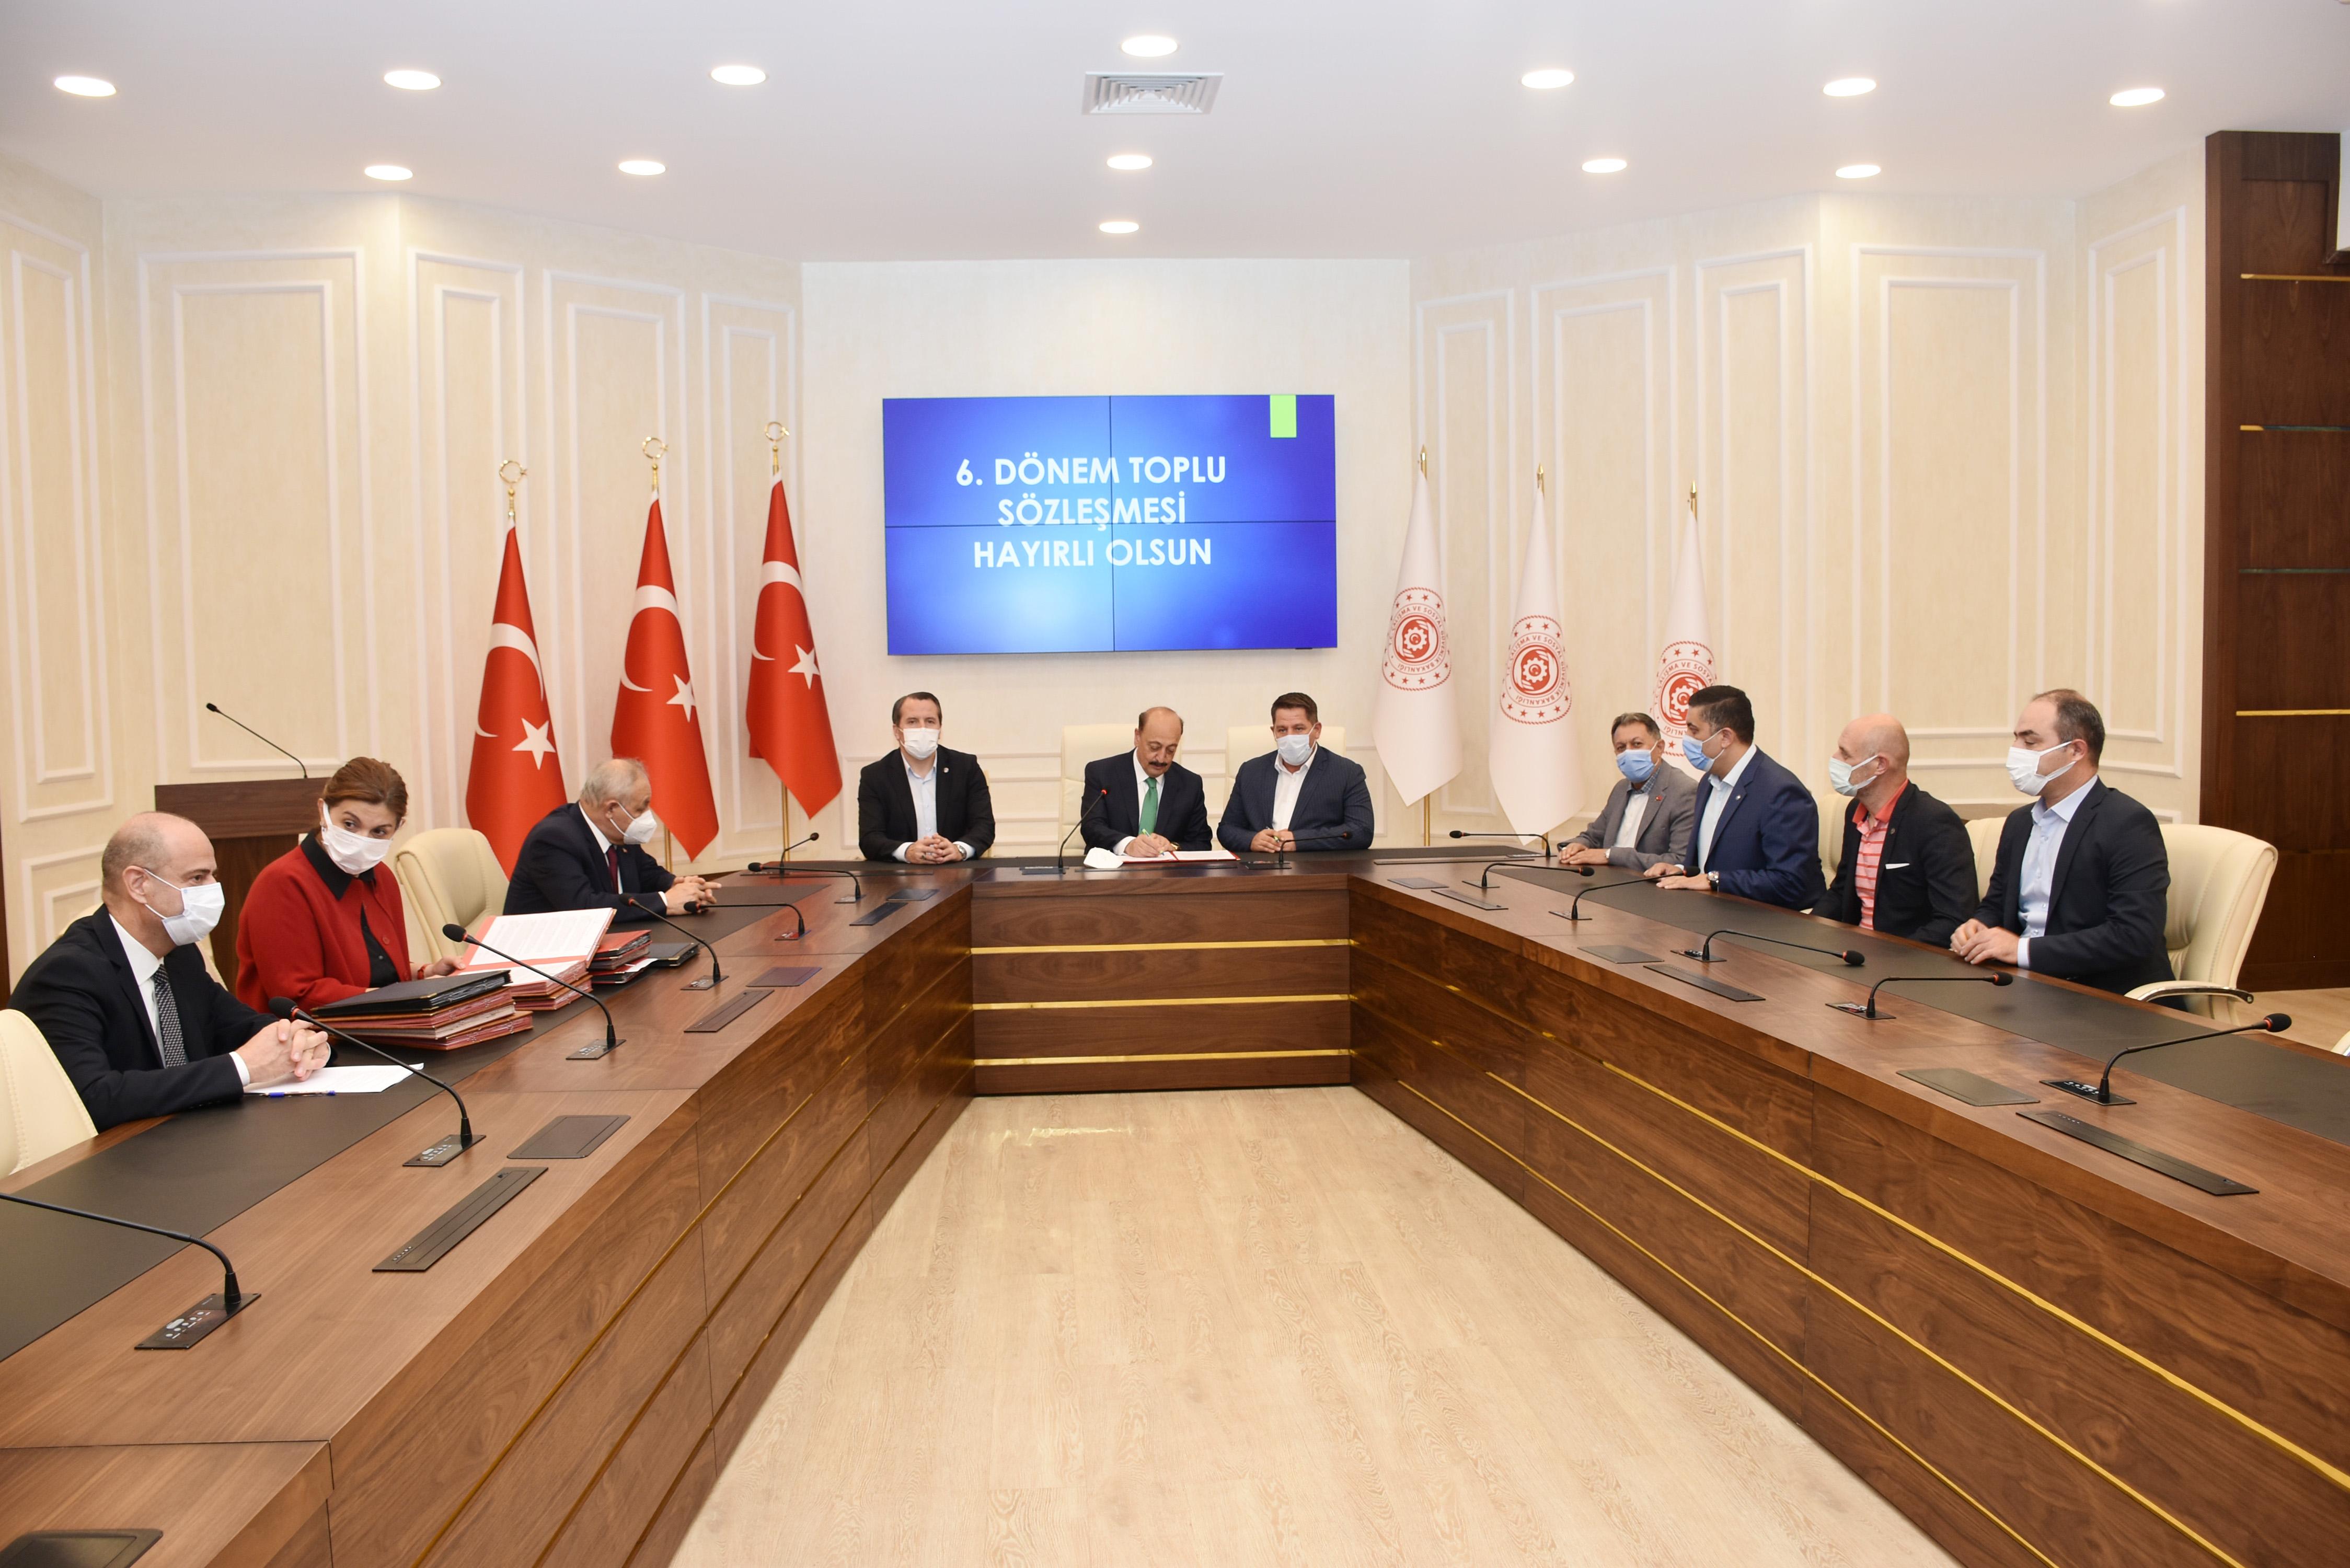 Basın, Yayın ve İletişim Hizmet Kolunda Toplu Sözleşme İmzalandı